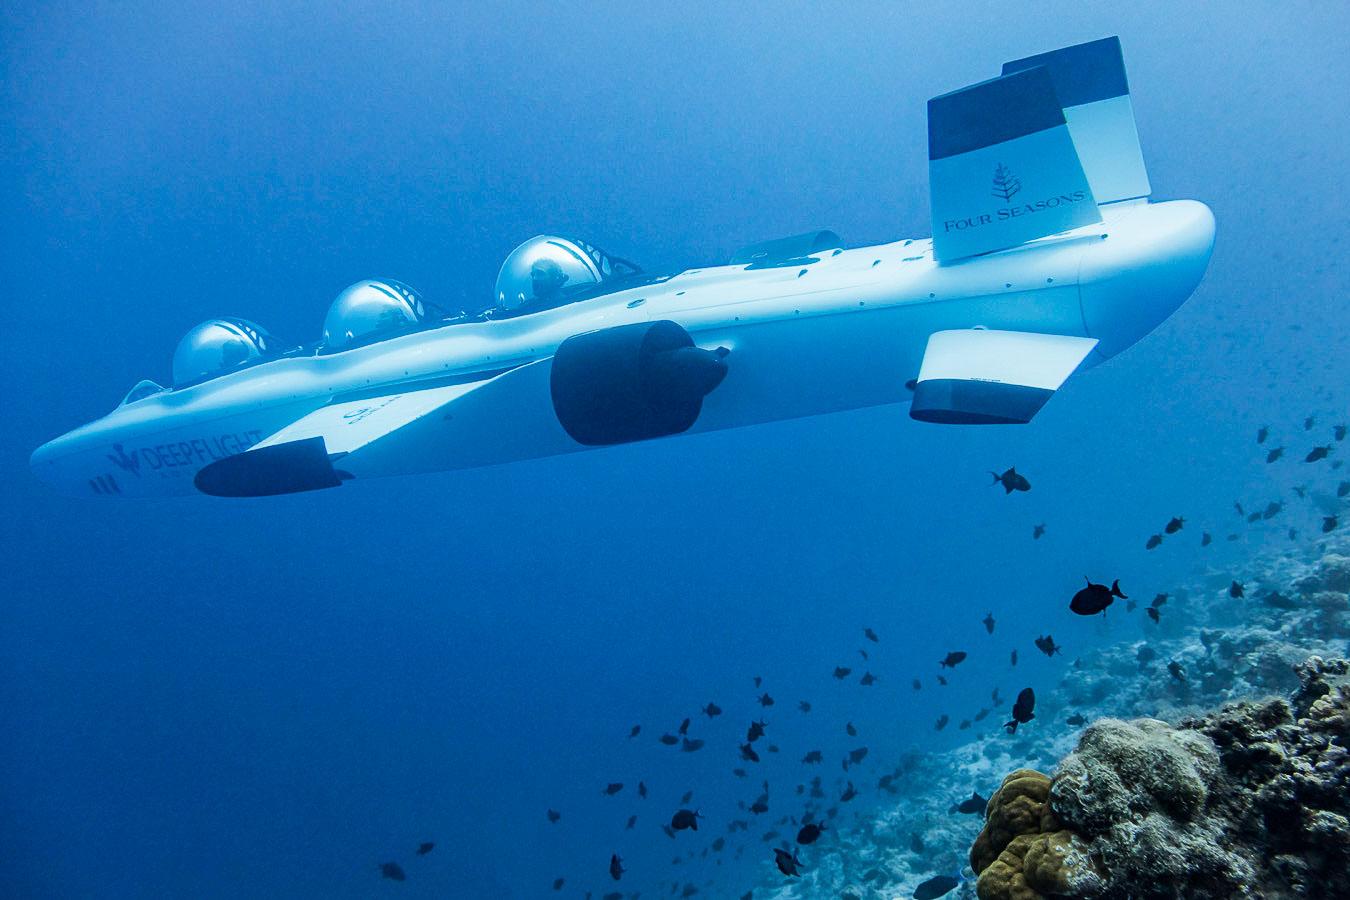 Explorez les fonds marin de l'atoll de Baa aux Maldives, classé réserve de biosphère de l'UNESCO, à bord du sous-marin Super Falcon 3S.